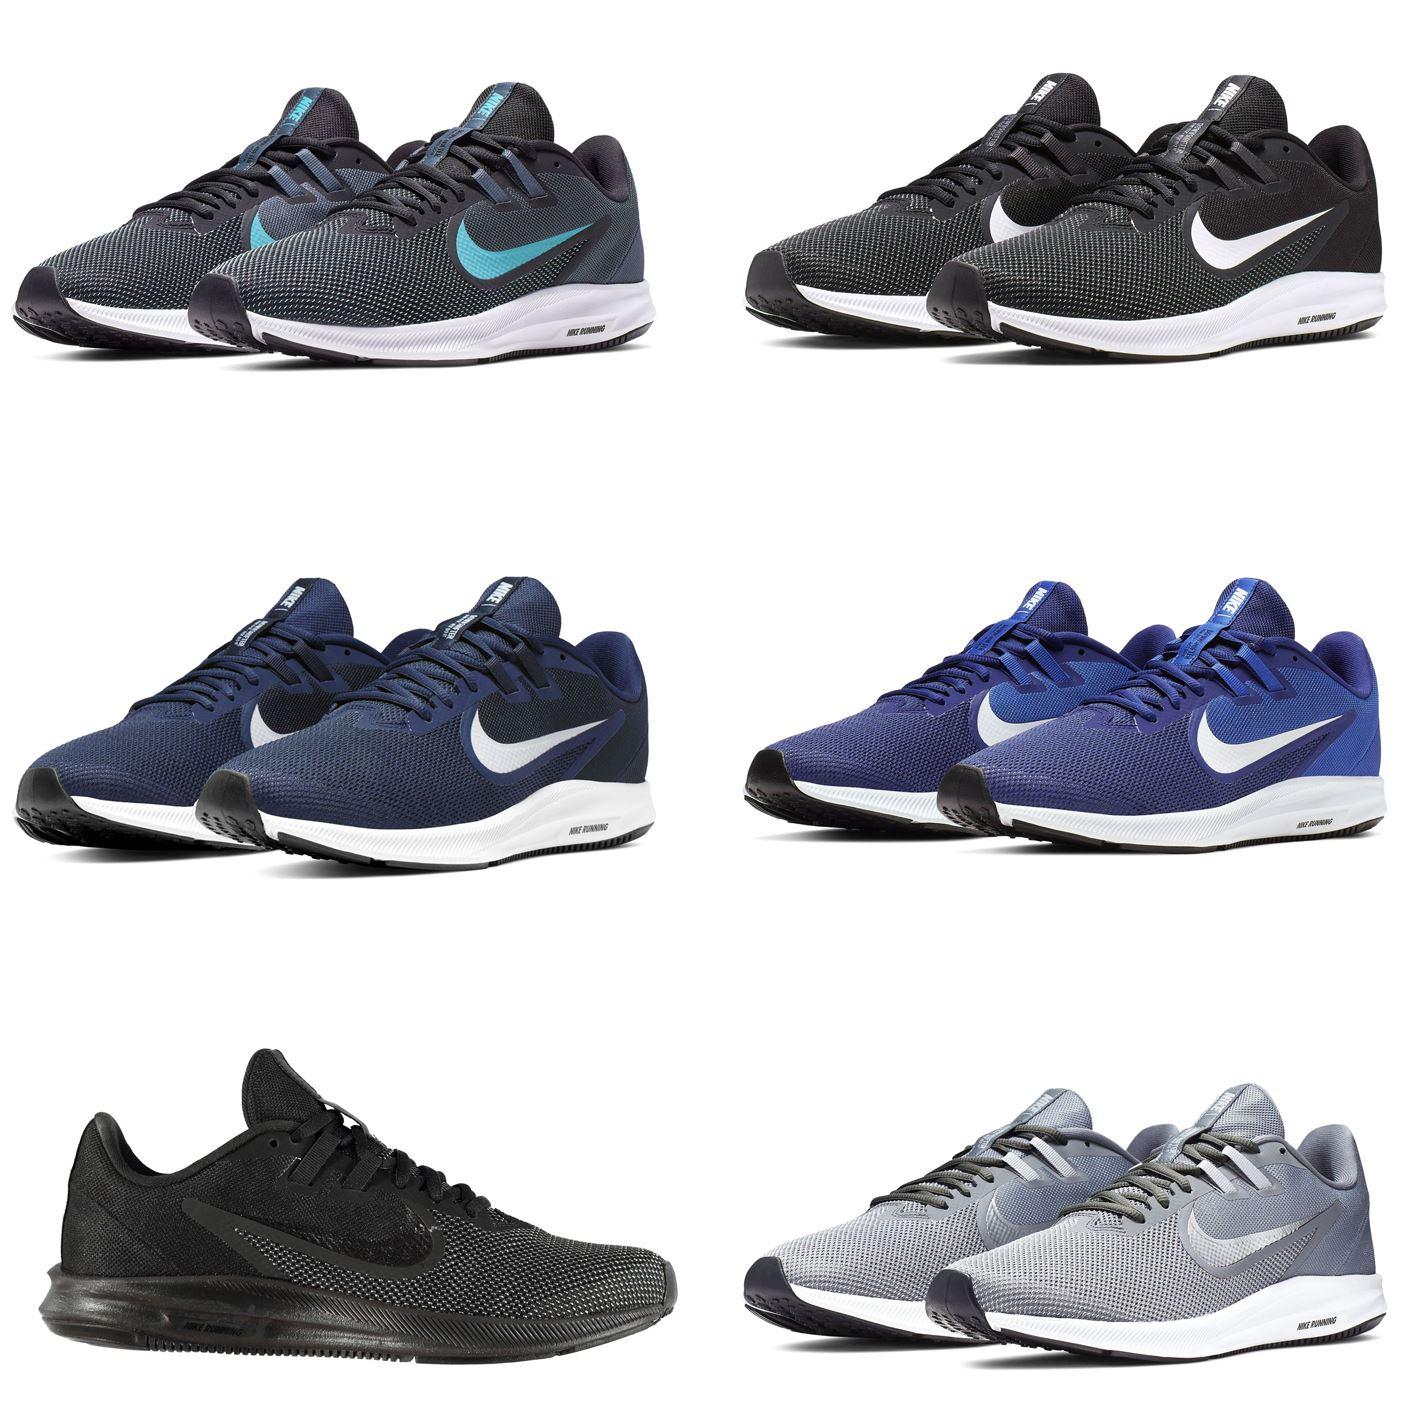 Nike Downshifter 9 Zapatillas Hombre Zapatos Correr Calzado